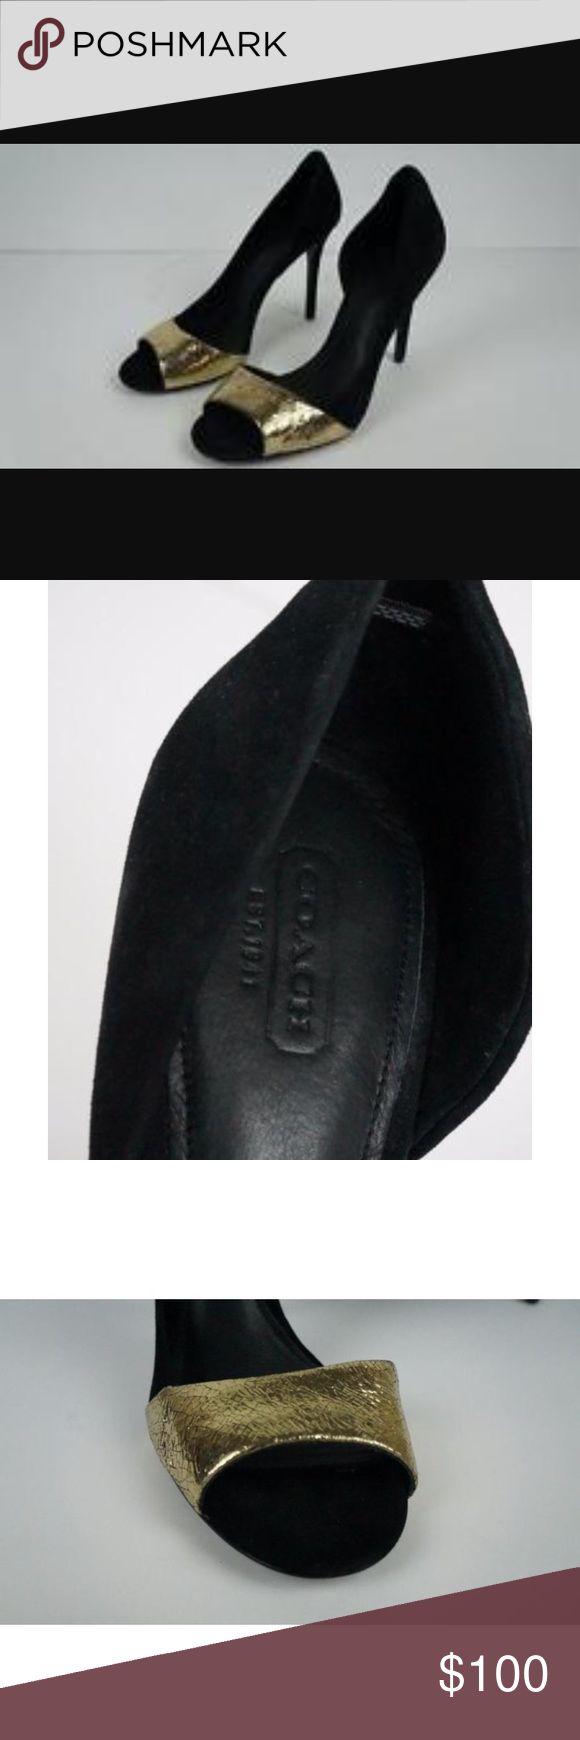 Coach lytton open toe heels Used ( worn twice) authentic coach Lytton cracked gold open toe heels MSRP 225$ Coach Shoes Heels